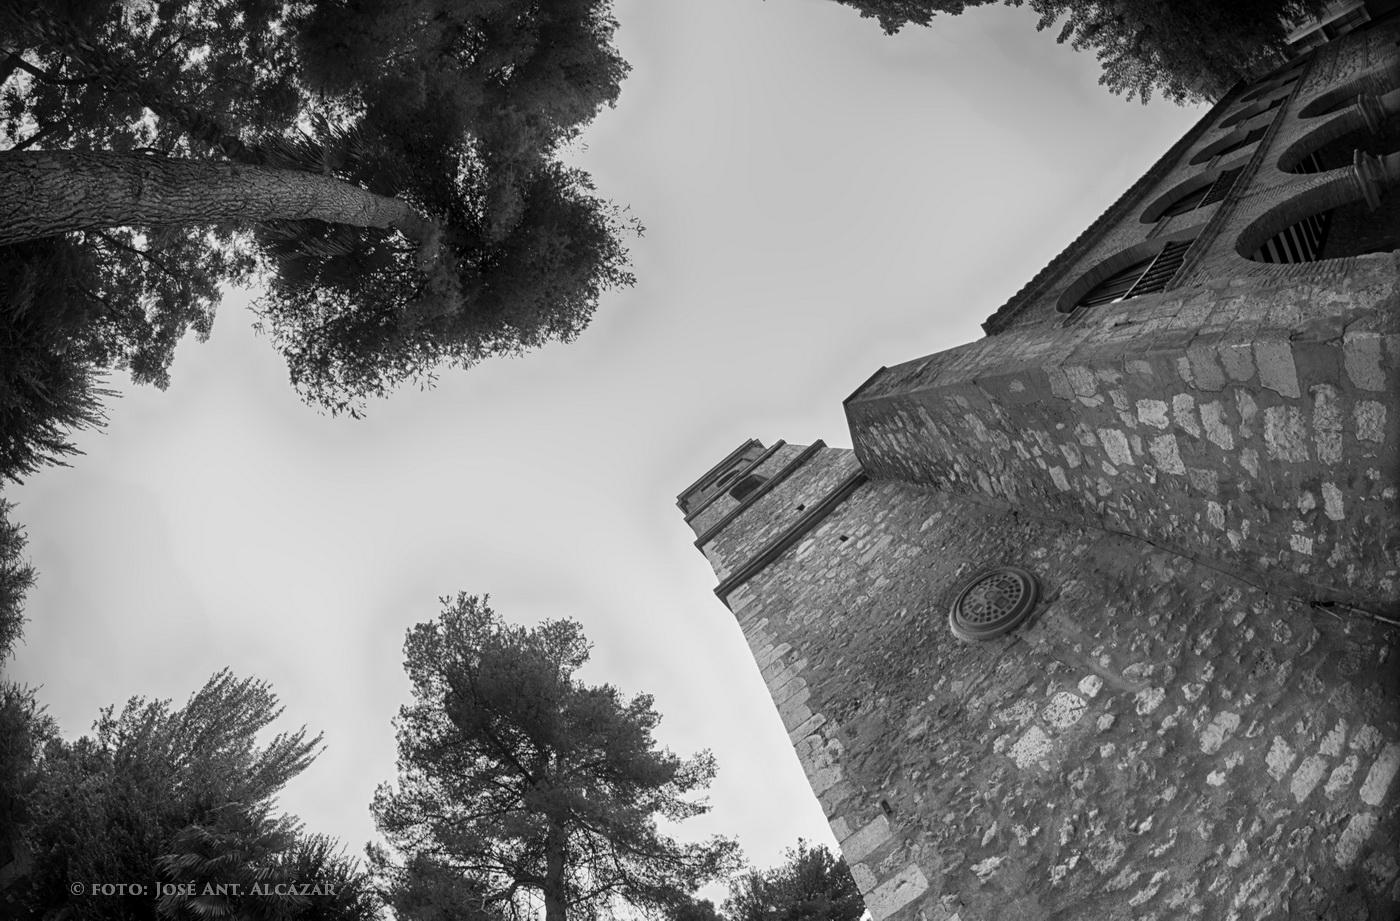 Torre de la Iglesia de Santa María (Daimiel) realizada con un gran angular